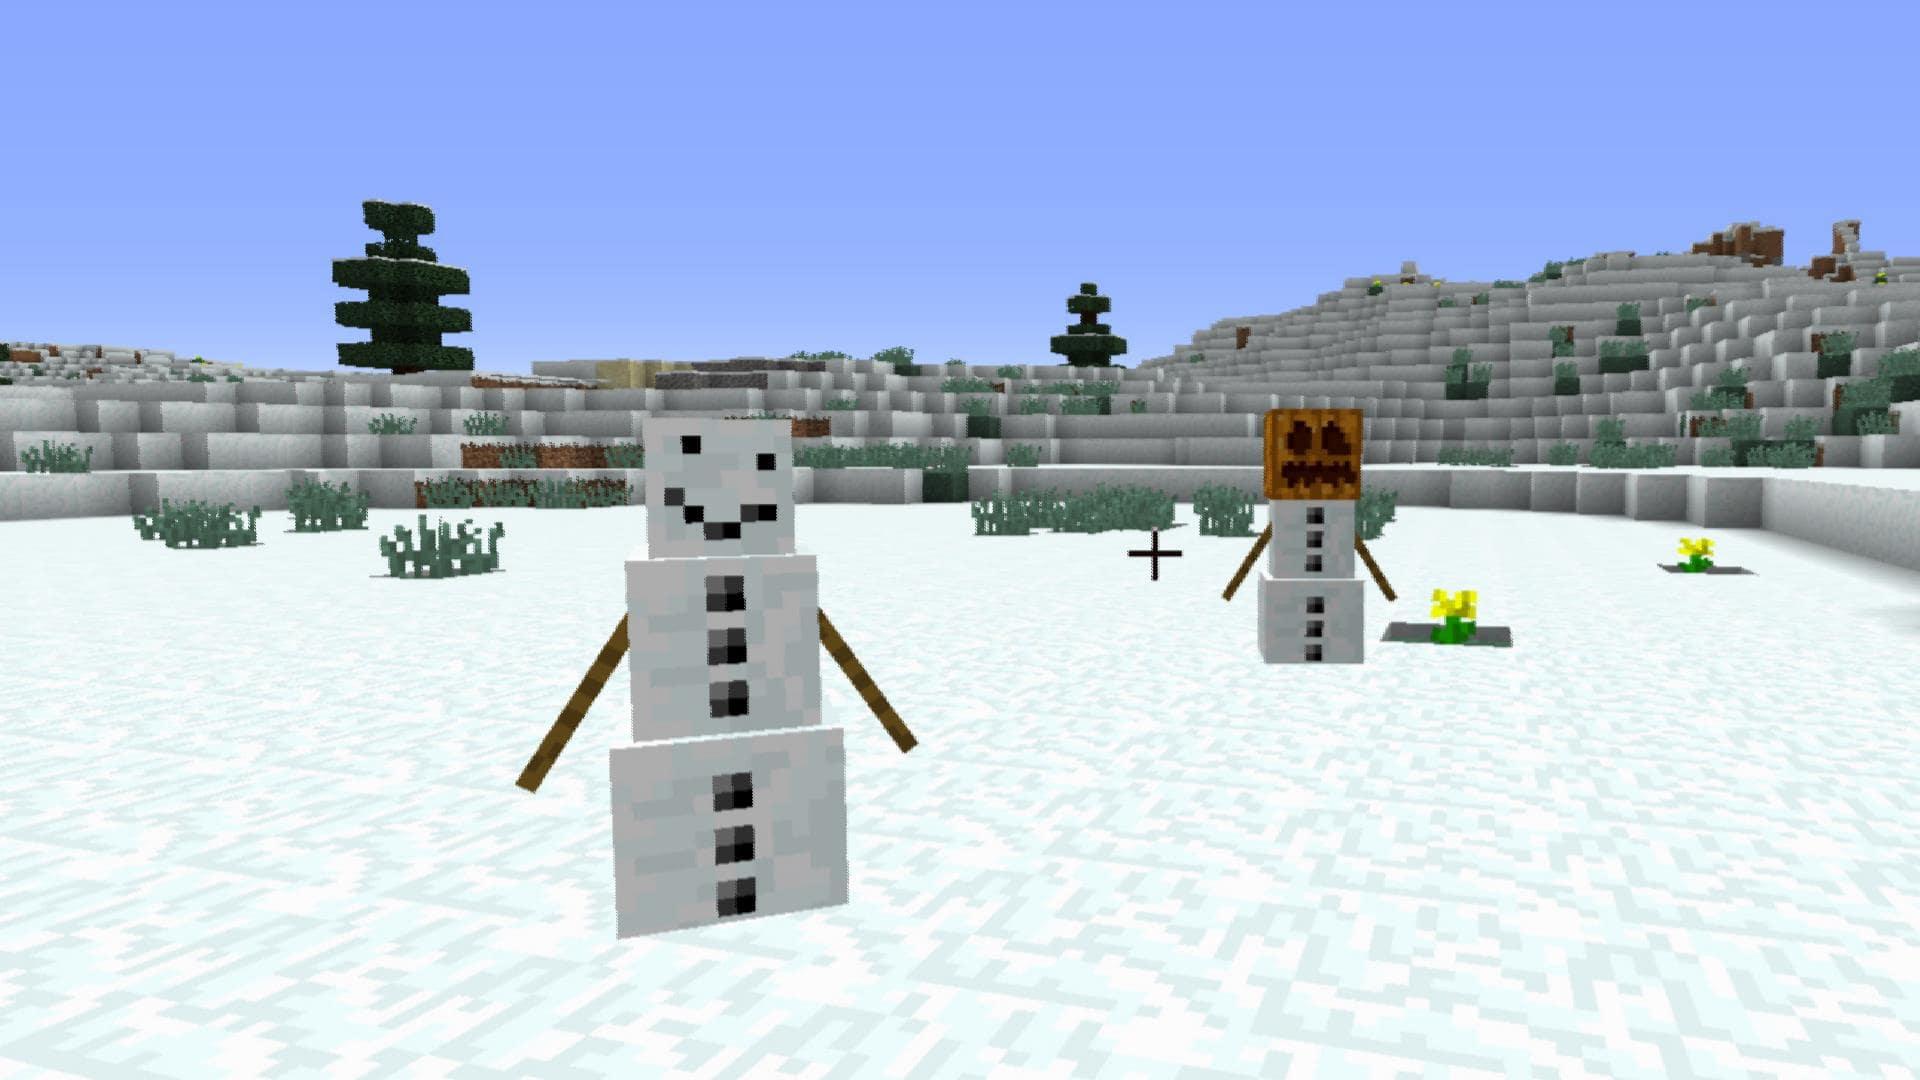 マインクラフト攻略 雪ブロックの使い方